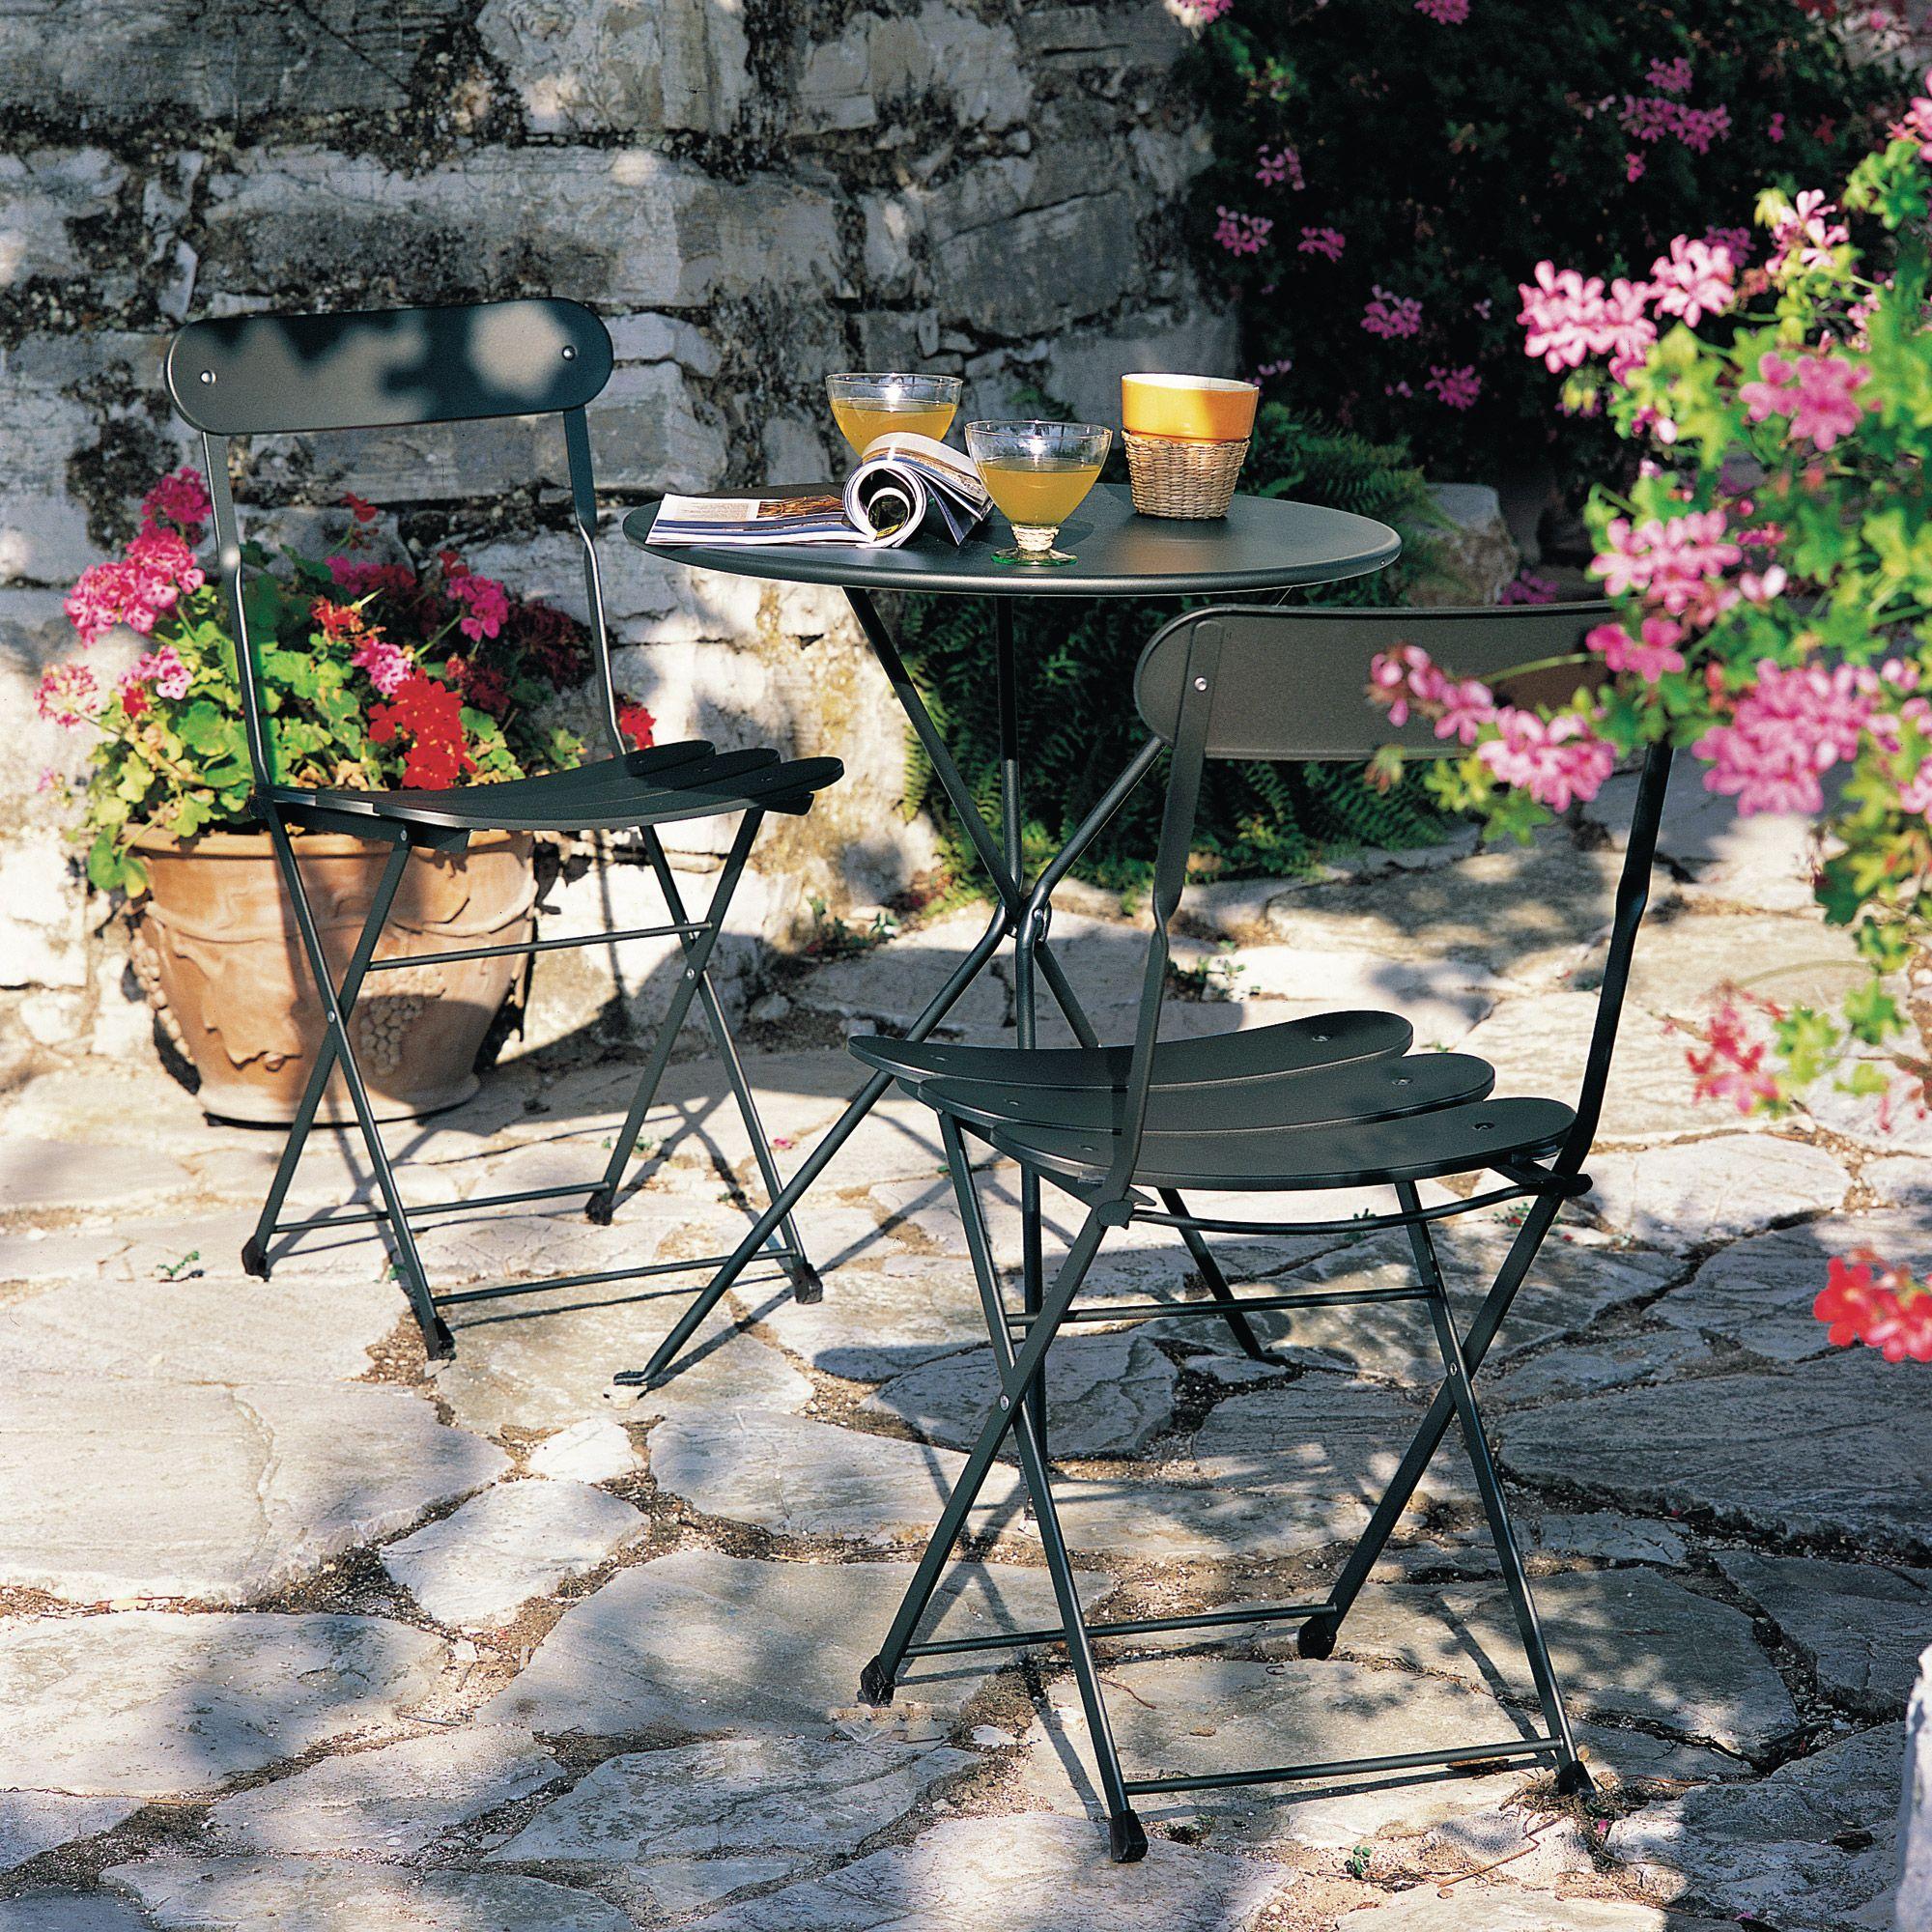 Salon de jardin 2 places Acier : table ronde + 2 chaises ...